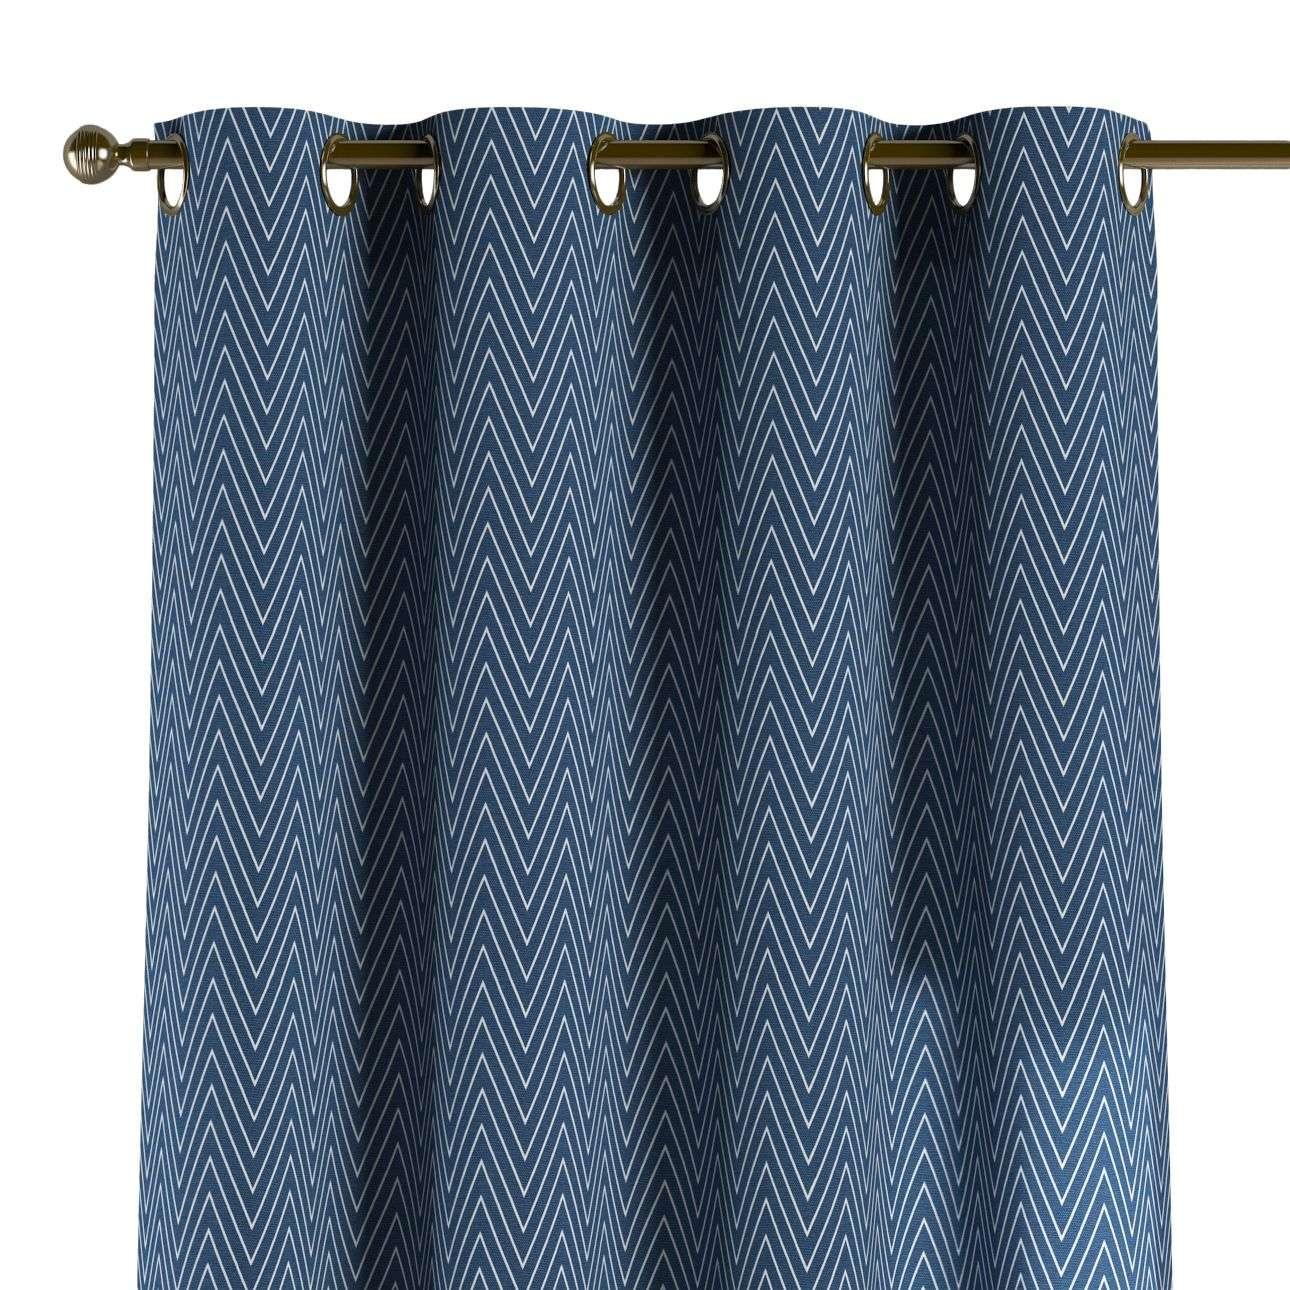 Žiedinio klostavimo užuolaidos 130 x 260 cm (plotis x ilgis) kolekcijoje Brooklyn, audinys: 137-88